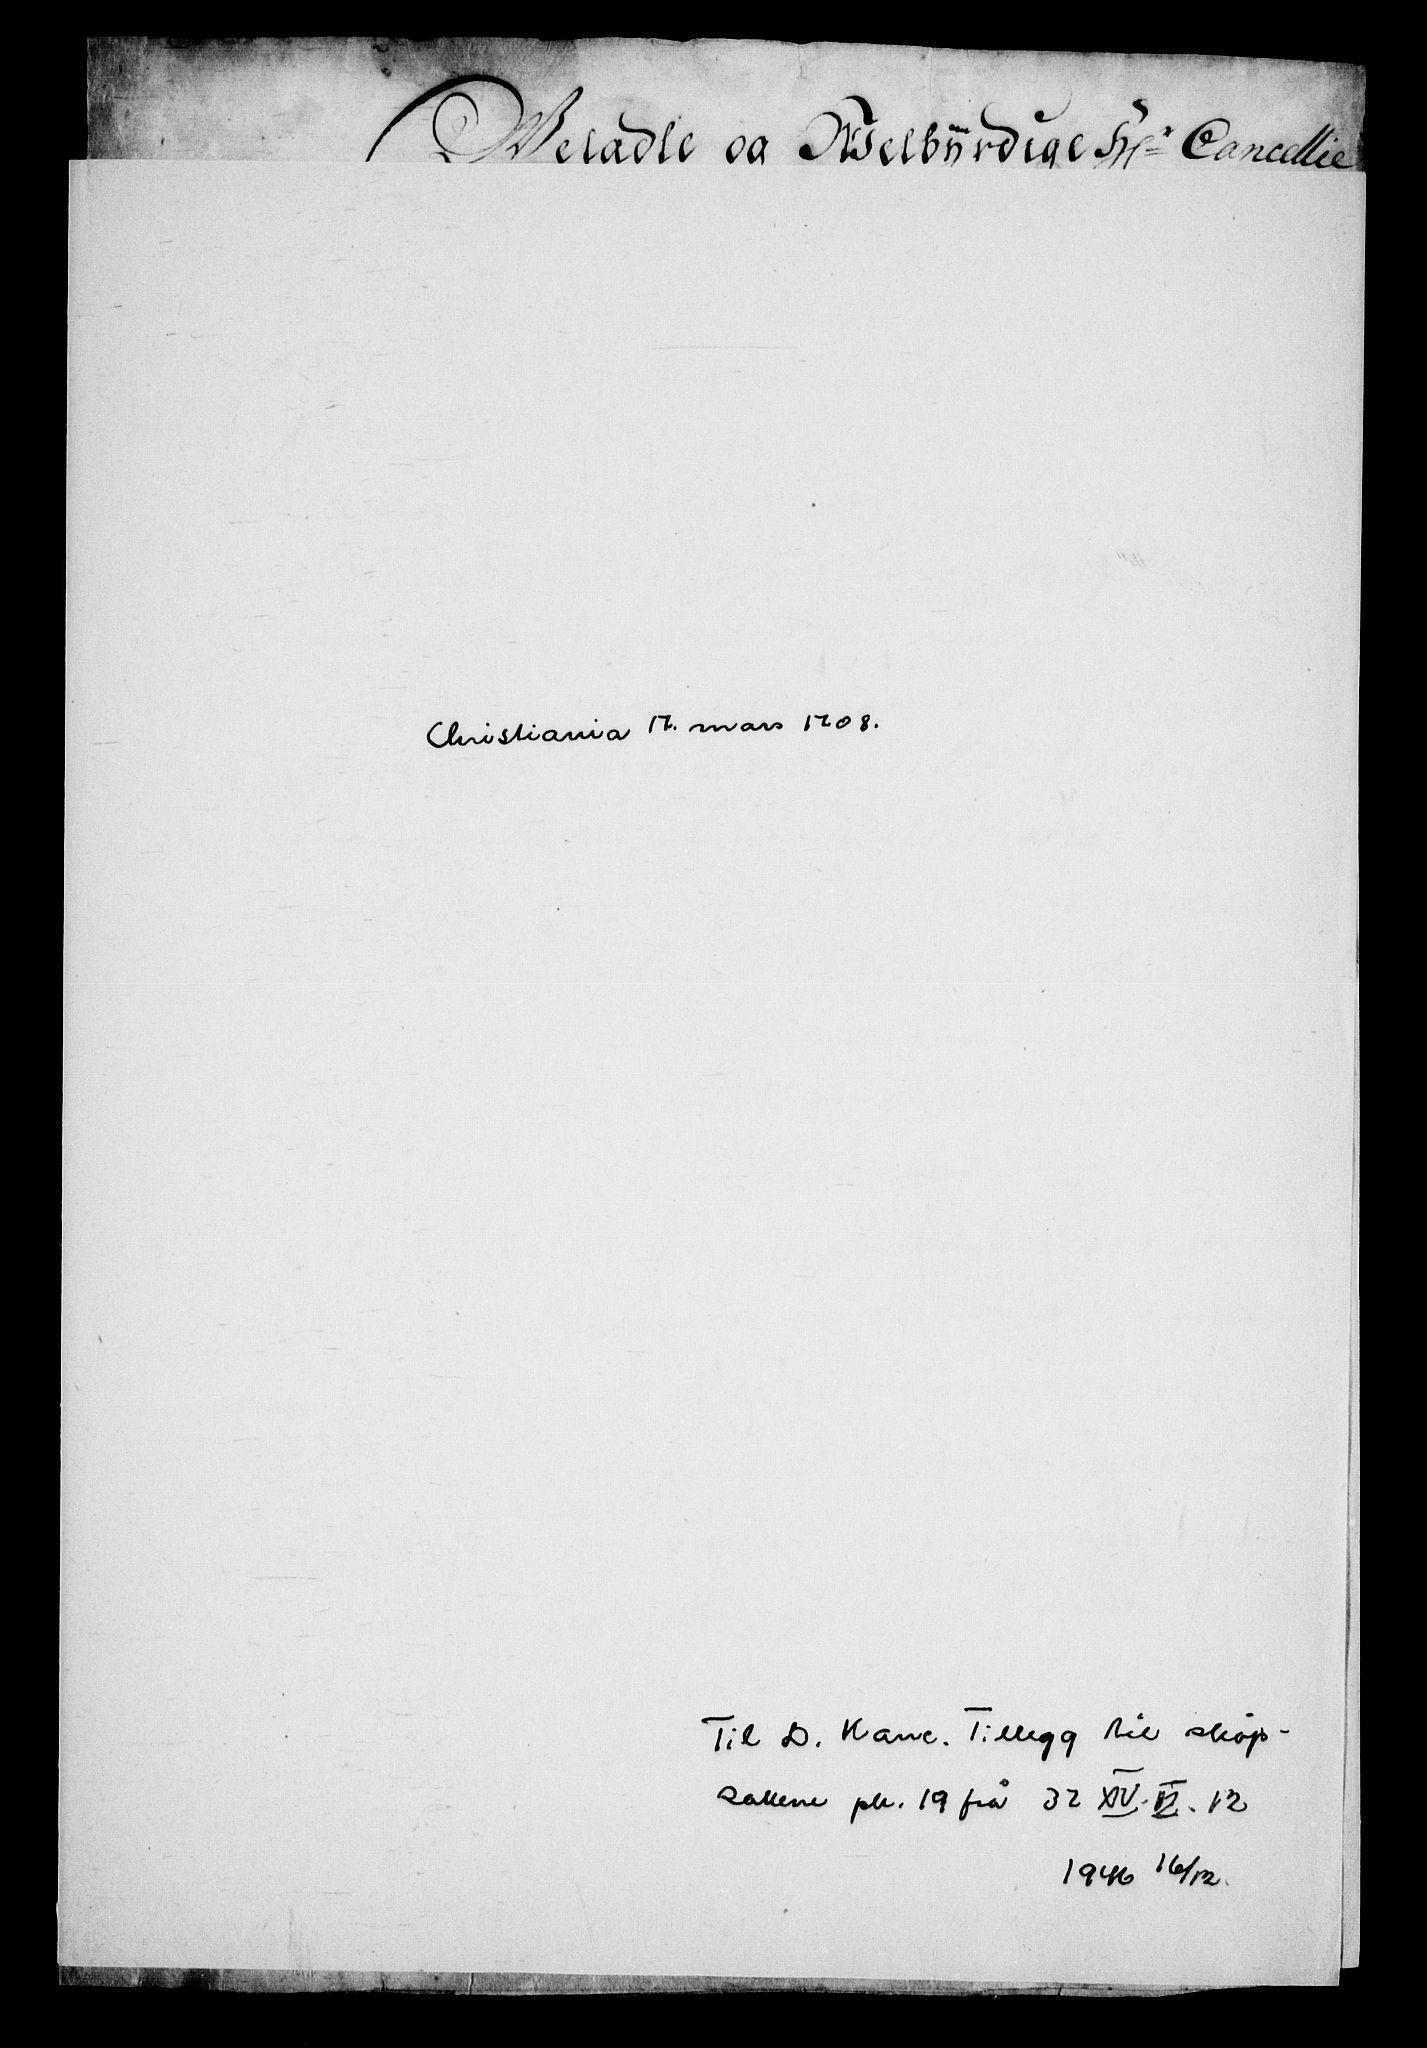 RA, Danske Kanselli, Skapsaker, G/L0019: Tillegg til skapsakene, 1616-1753, p. 350